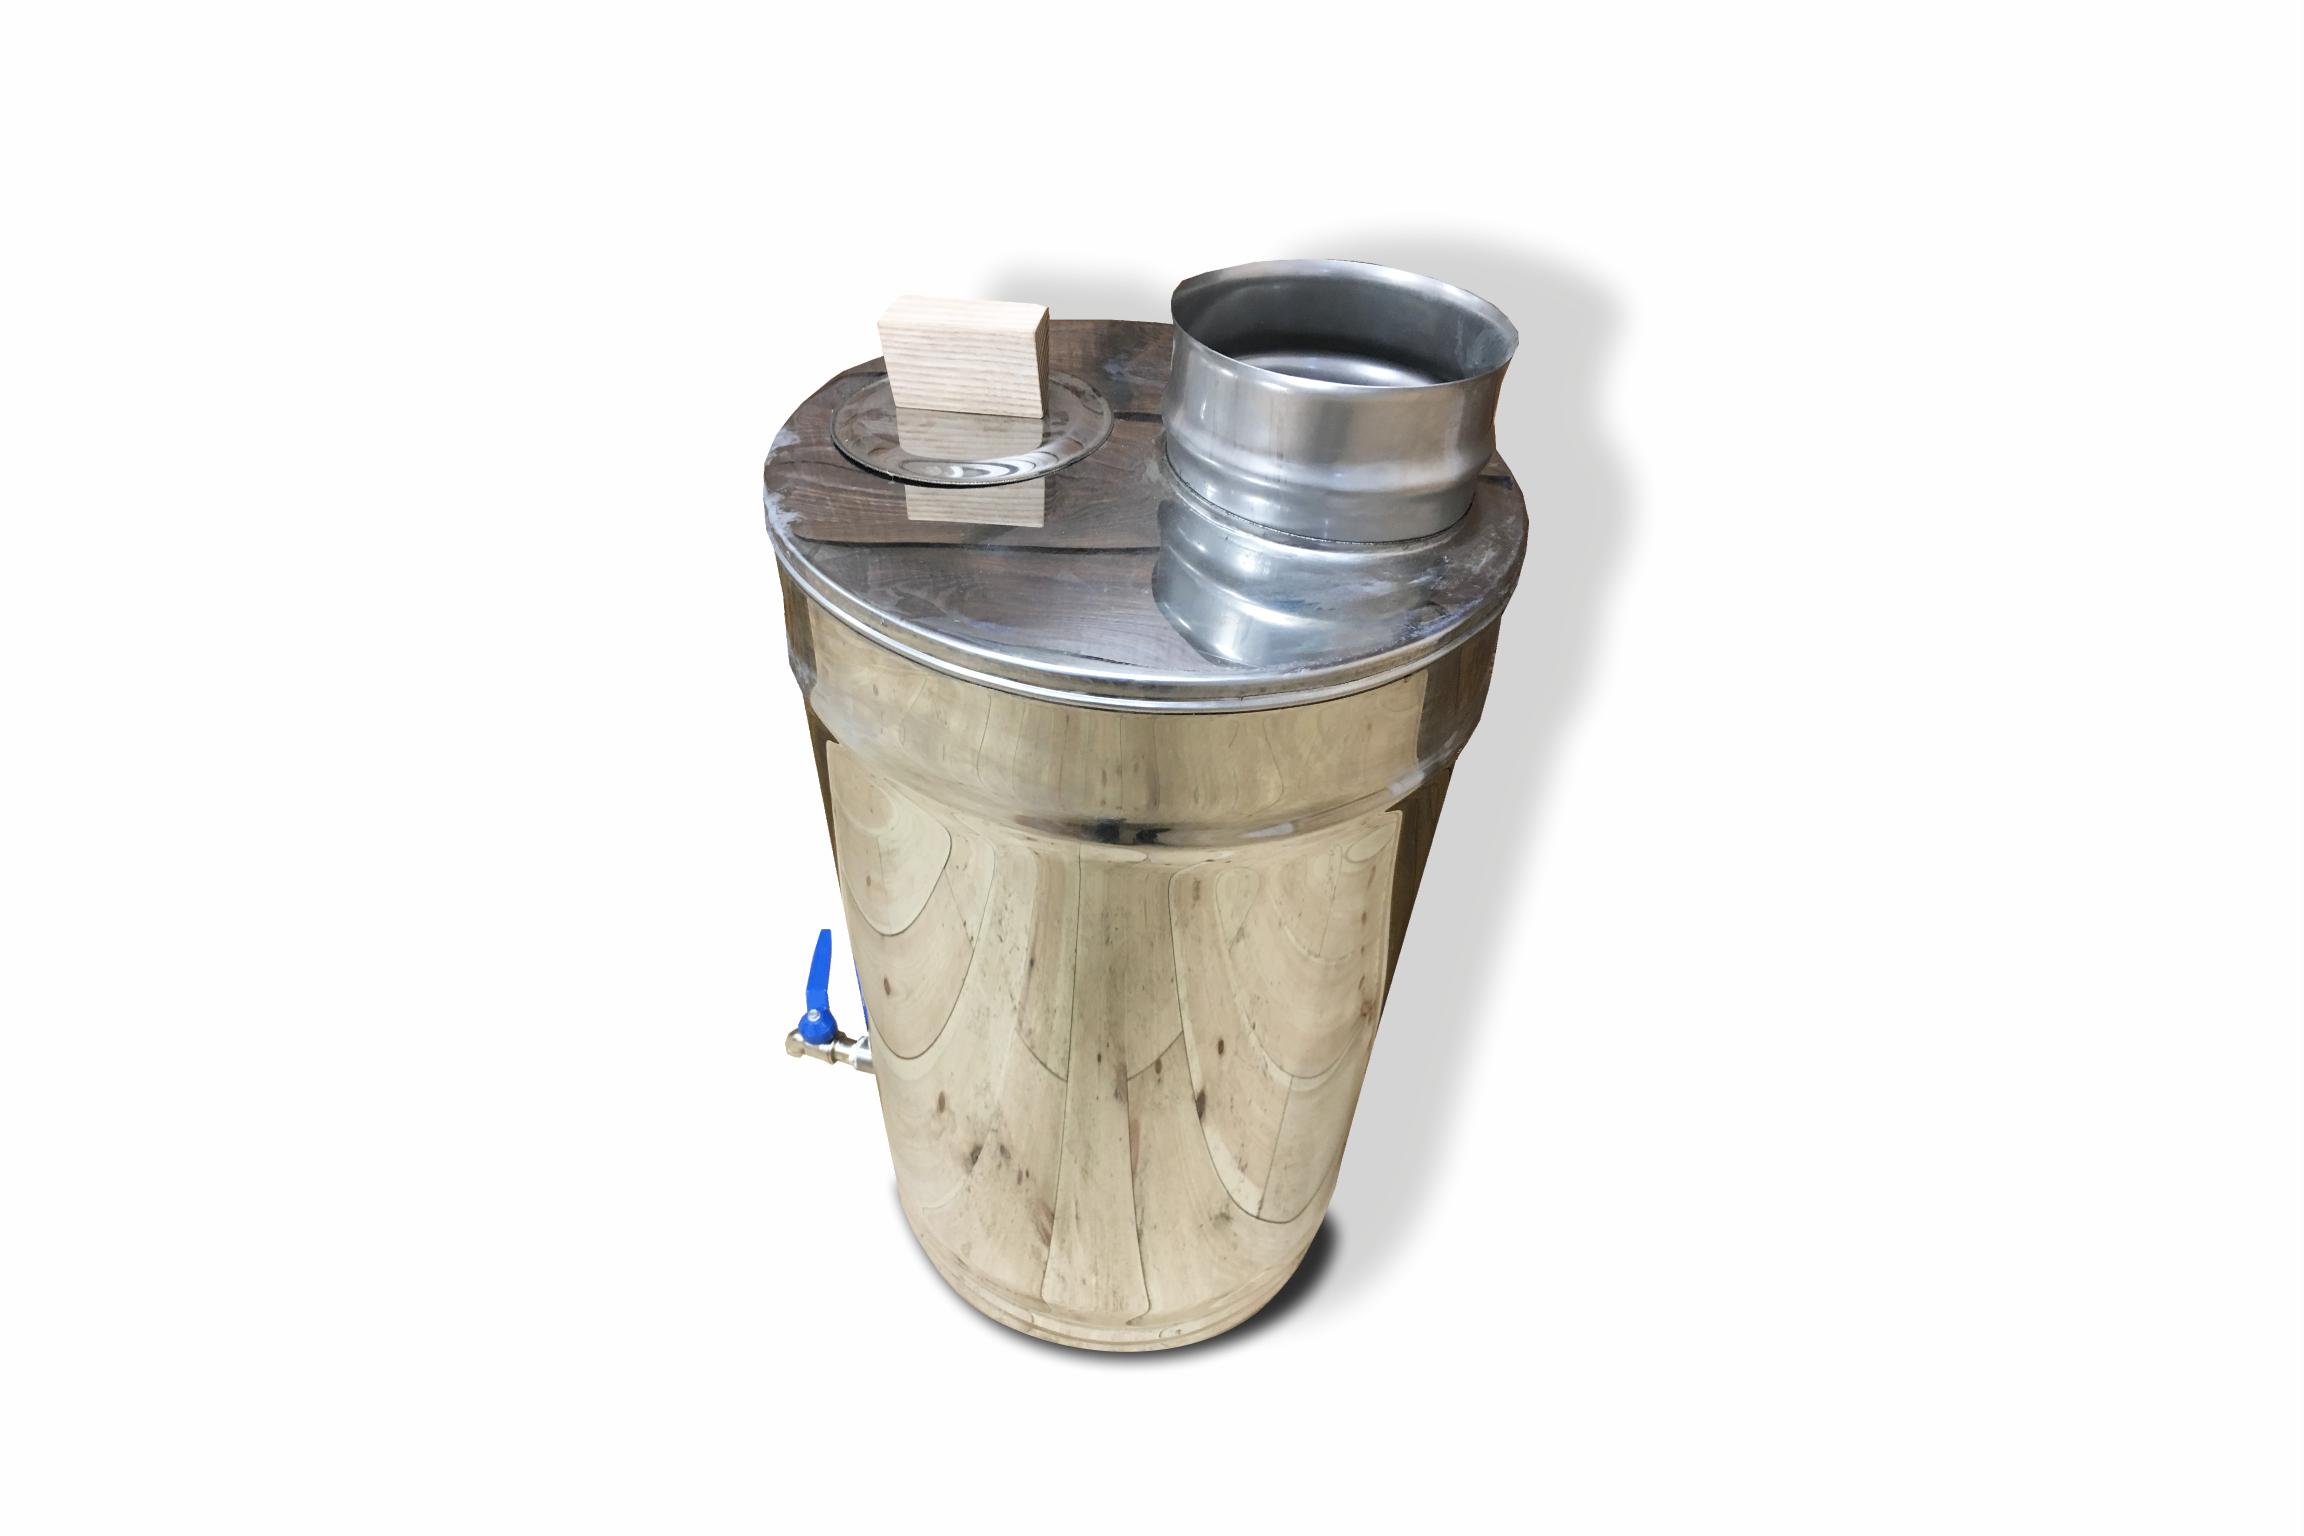 Vandtank 30 liter til brændeovn